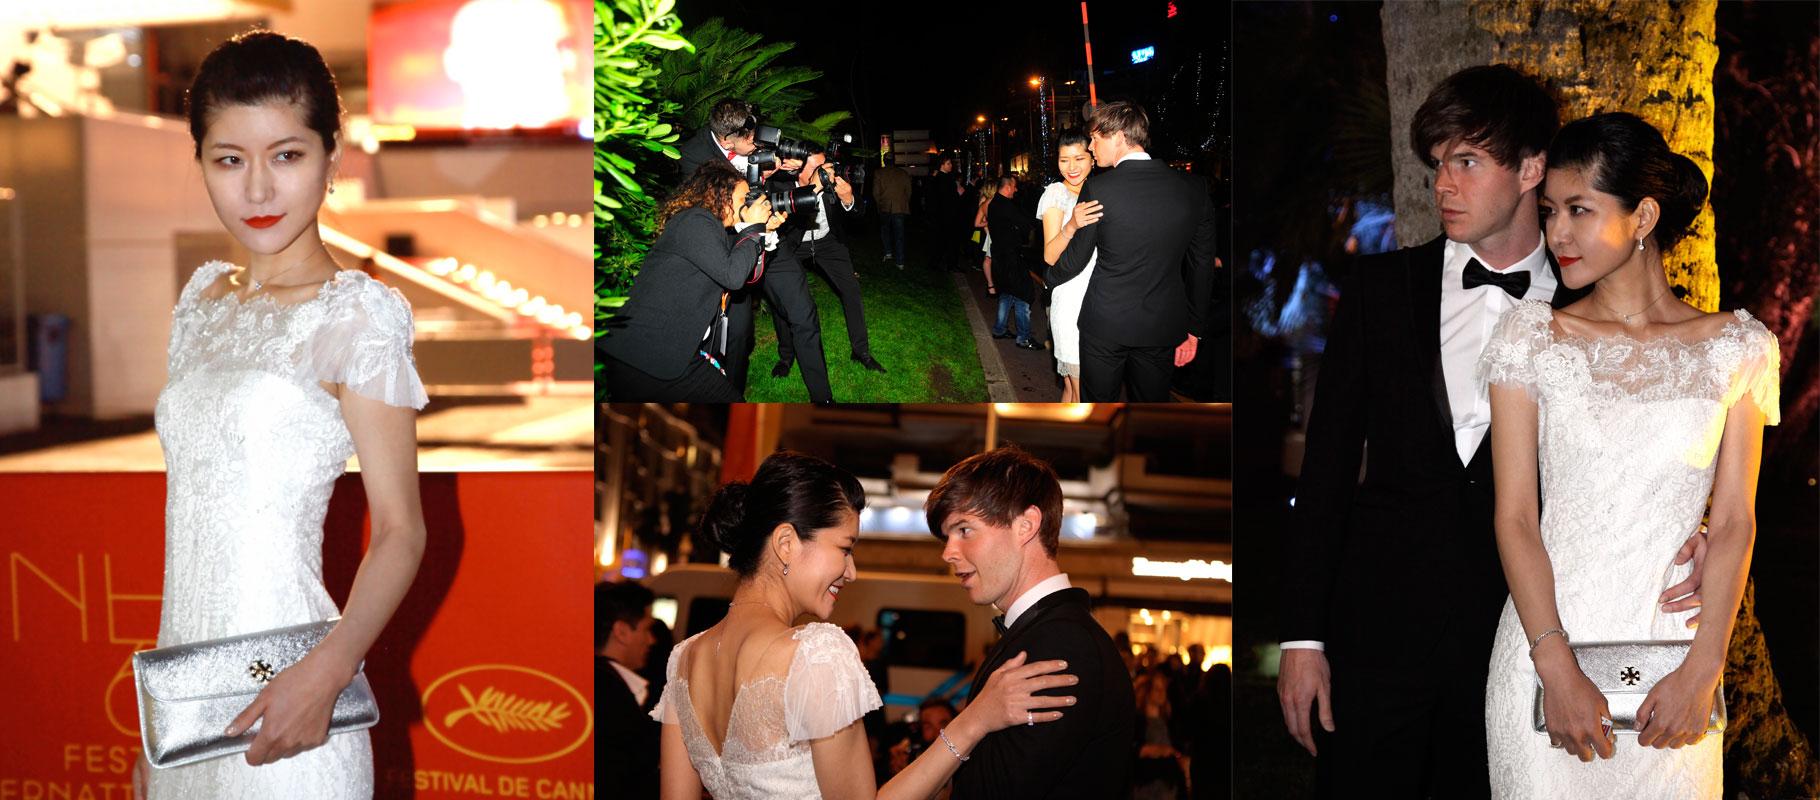 カンヌ映画祭 ハリウッド女優と「ニュヨークからの贈り物」 New York Exceptional Cut のジュエリー